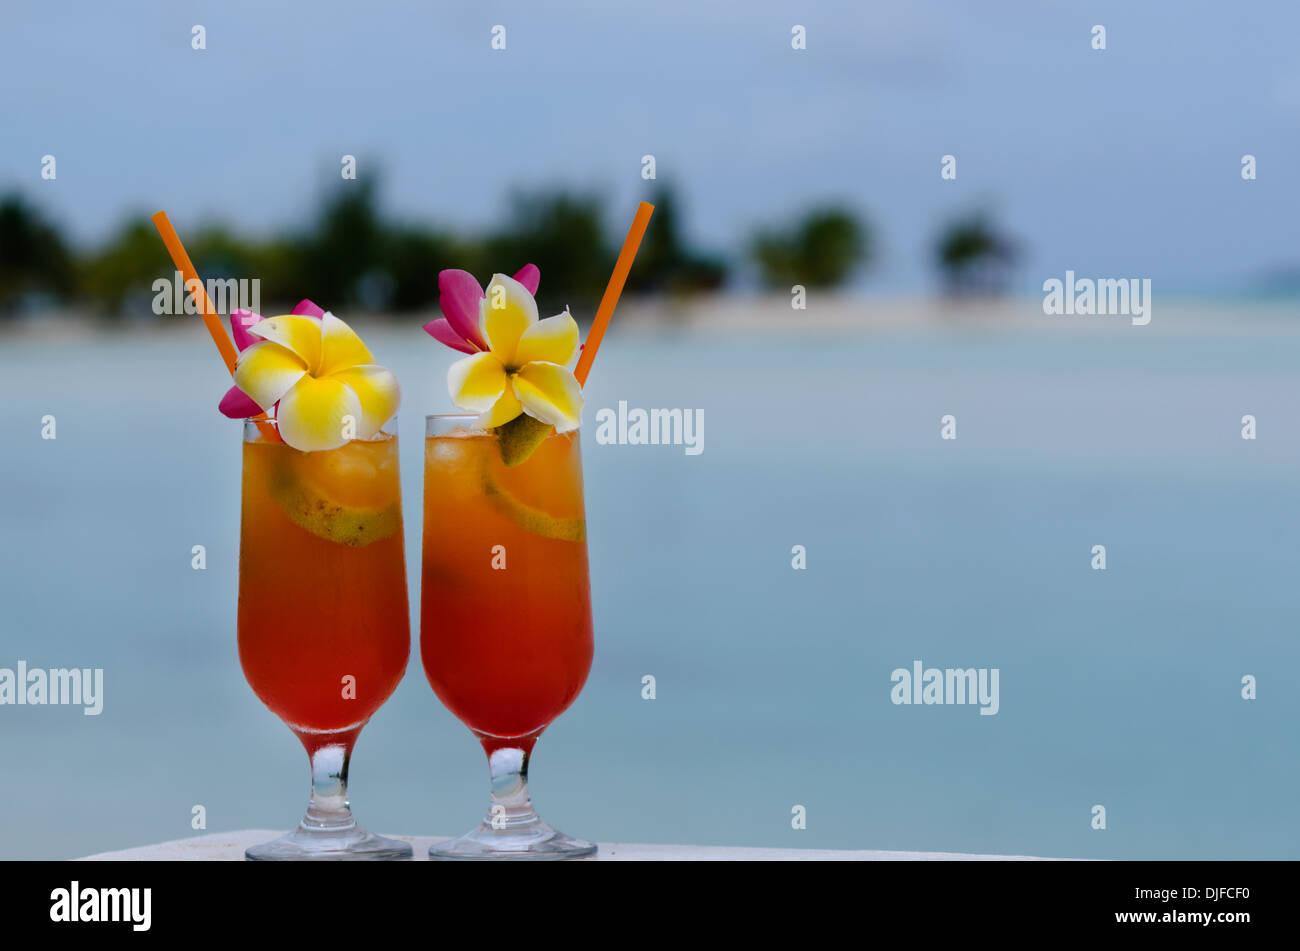 Al aire libre se sirven cócteles tropicales en Pacific Island Resort con agua de color turquesa en el fondo. Foto de stock